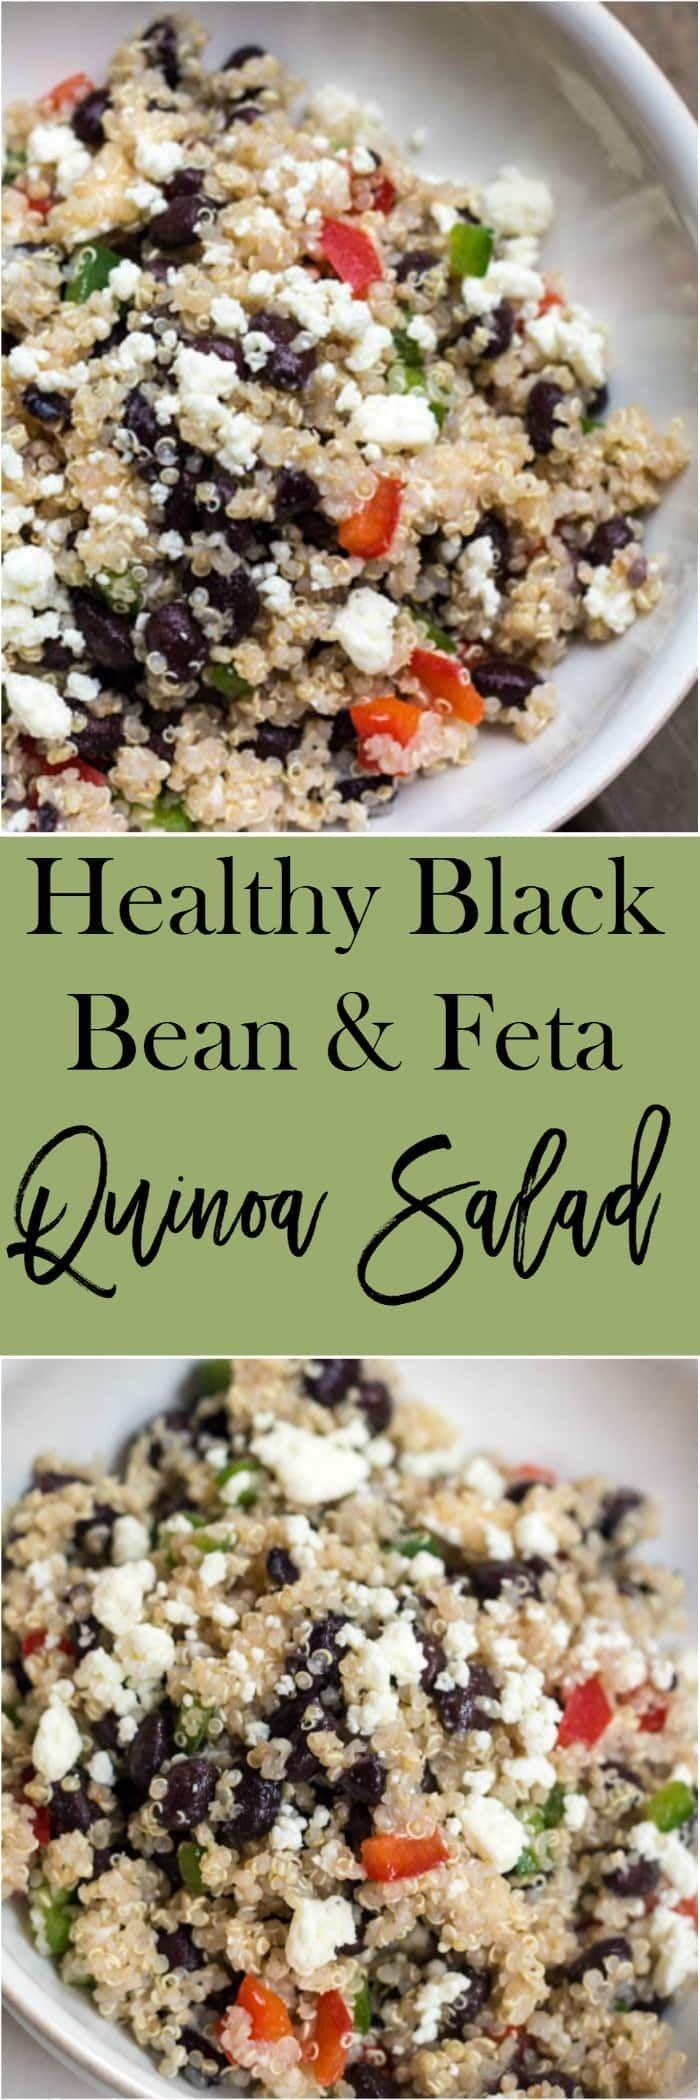 Healthy+Black+Bean+and+Feta+Quinoa+Salad+via+@dashofherbs